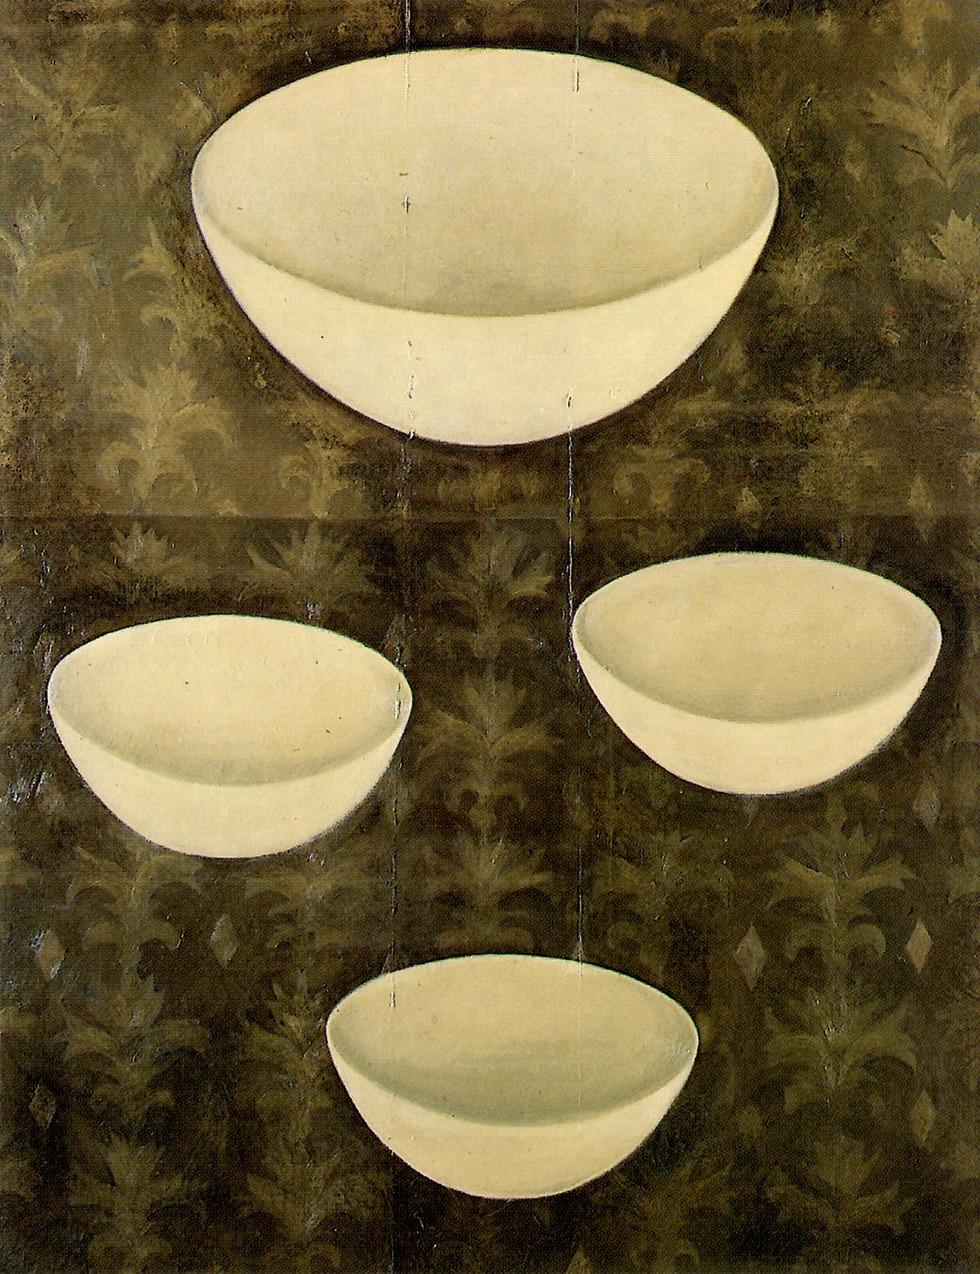 Senza titolo, 1998, olio su carta su tela, cm 120 x 150